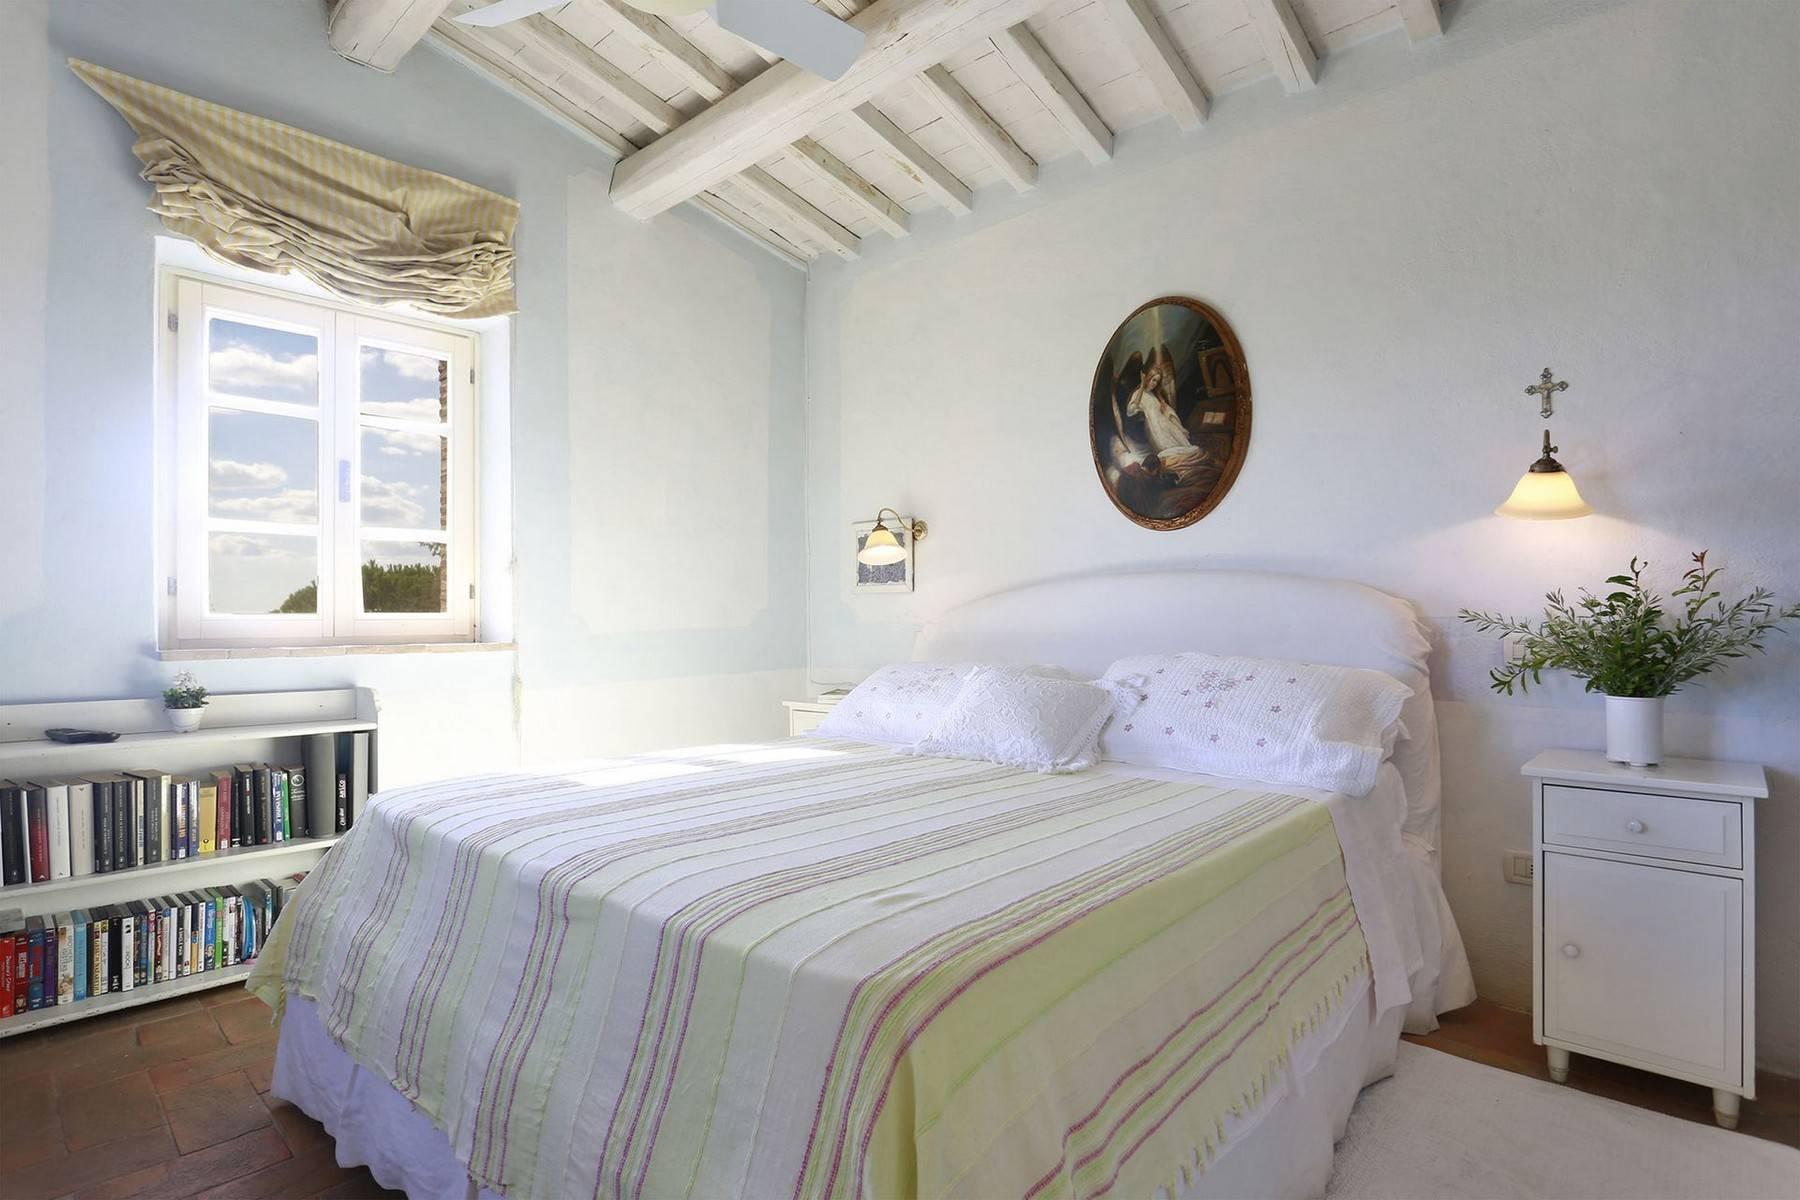 Rustico in Vendita a Manciano: 5 locali, 180 mq - Foto 27